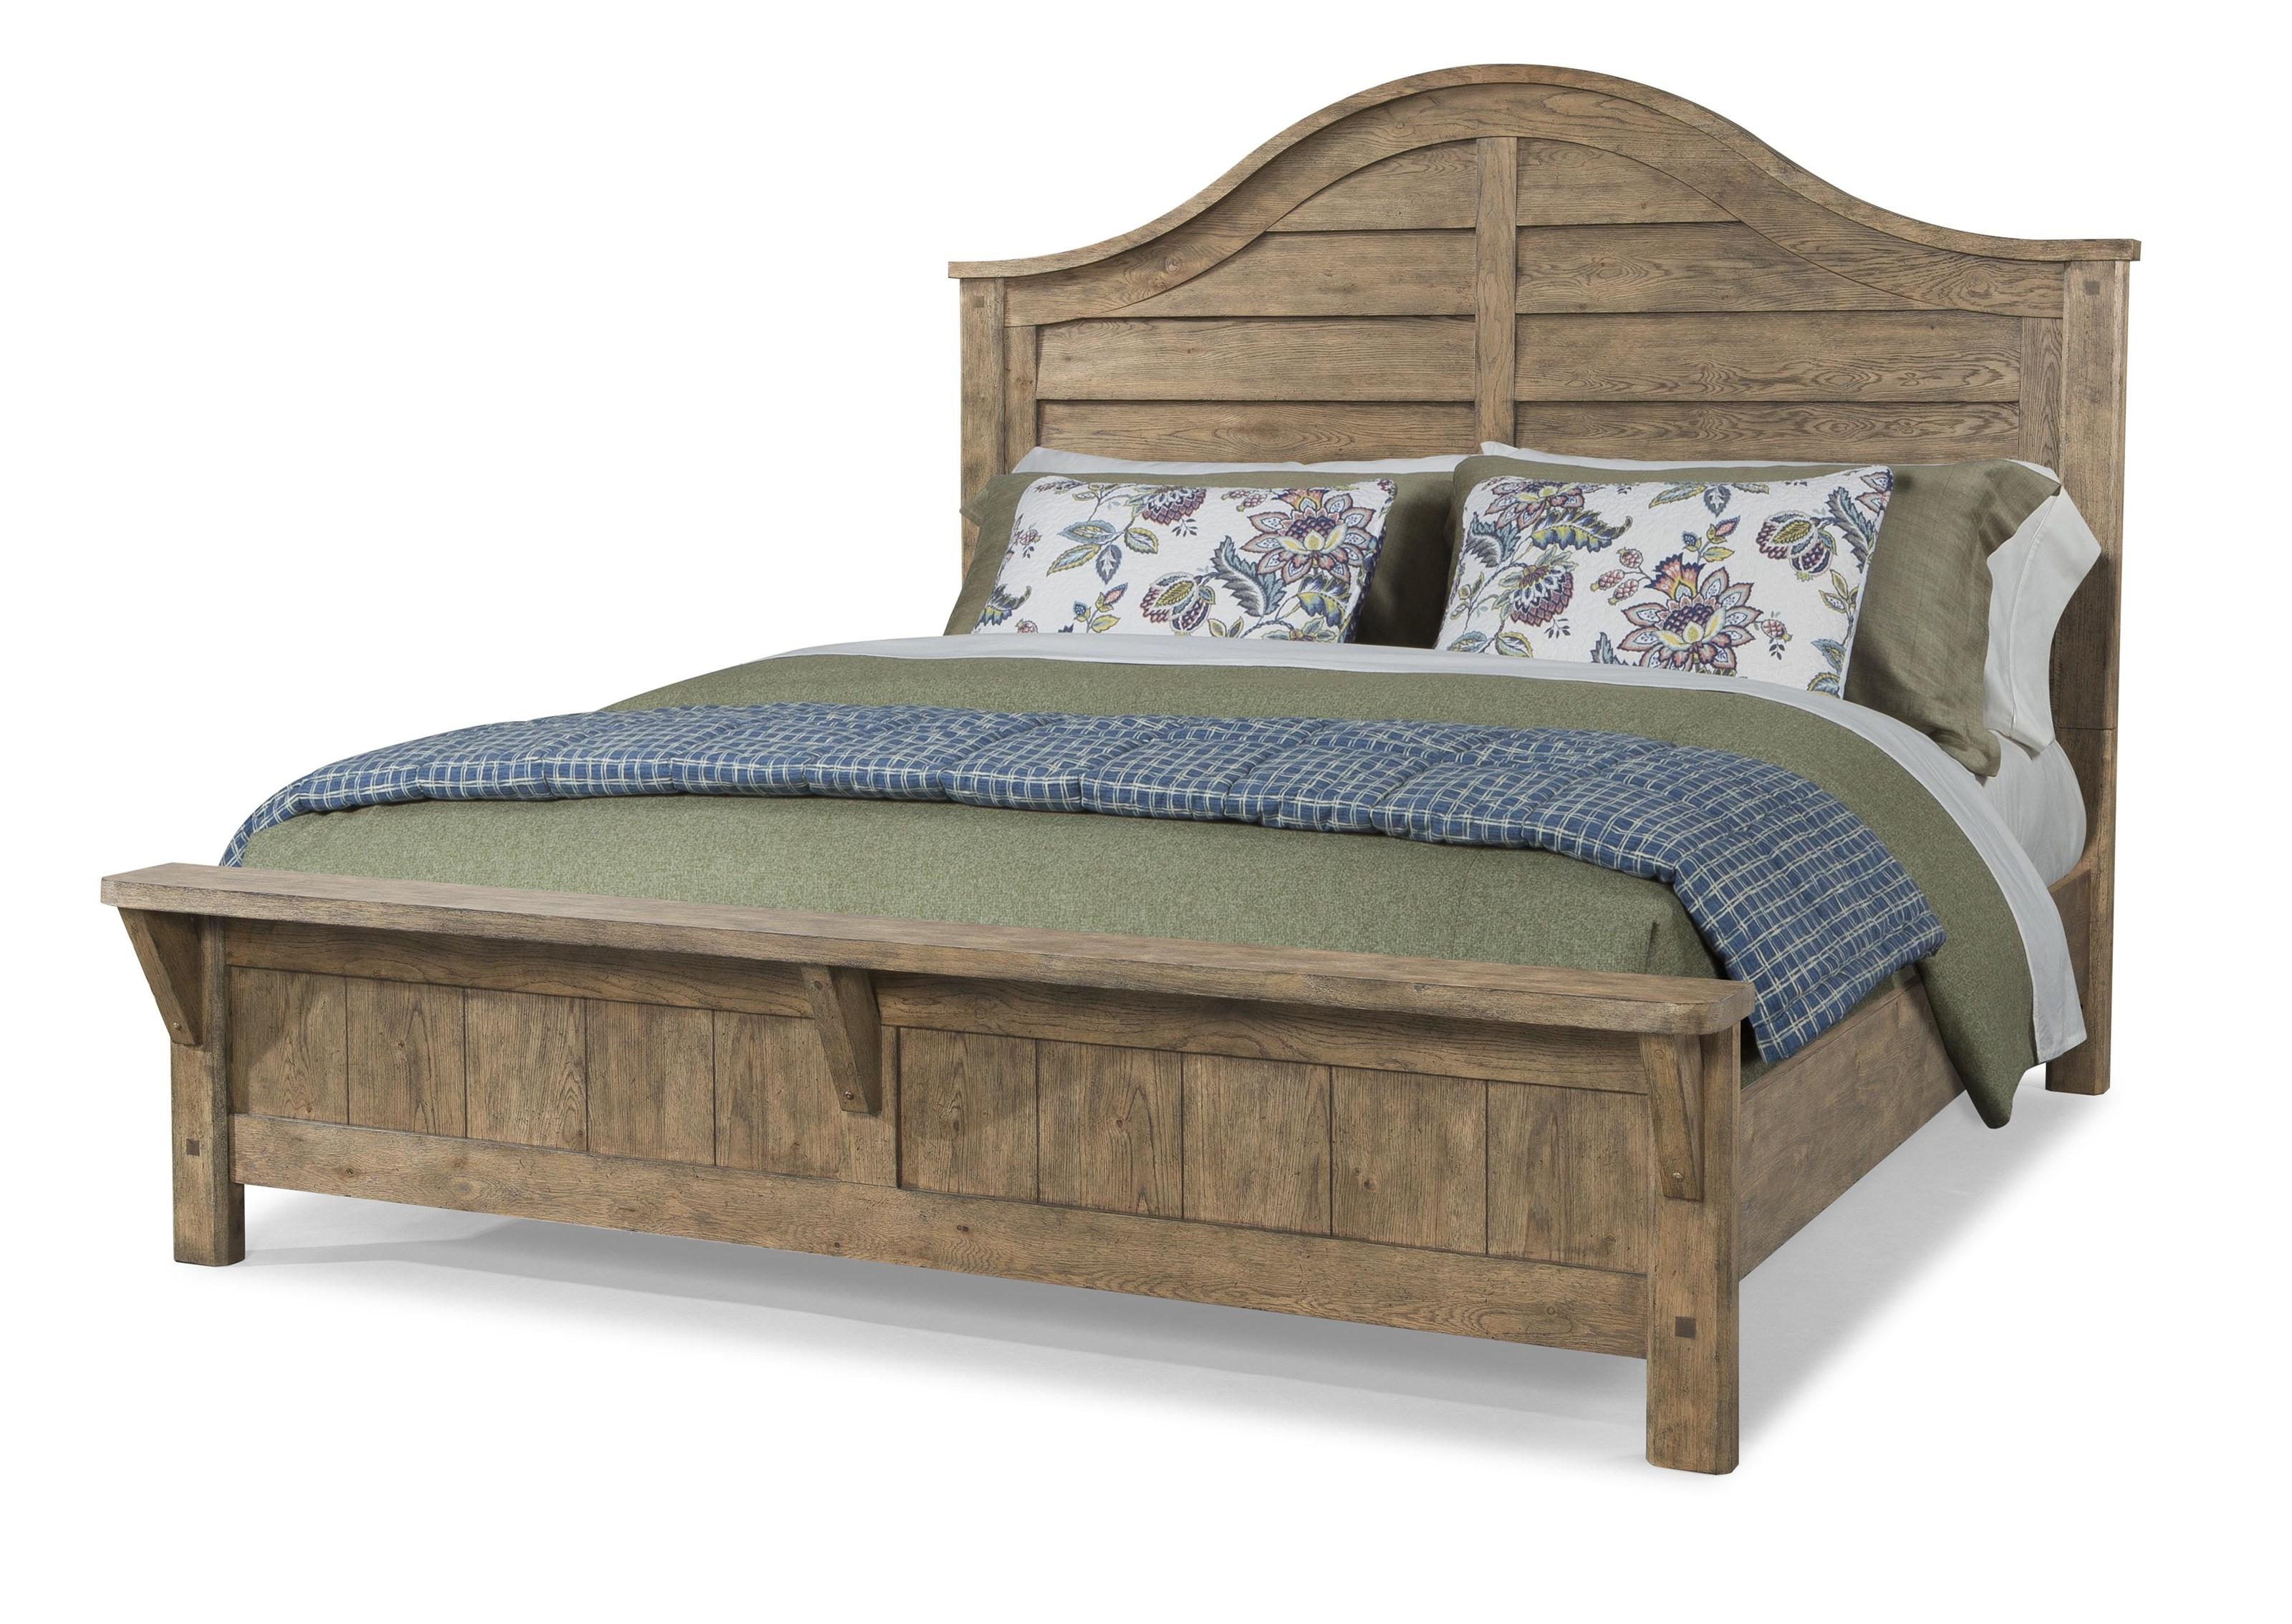 Morris Home River Falls River Falls Queen Bed - Item Number: 642023296